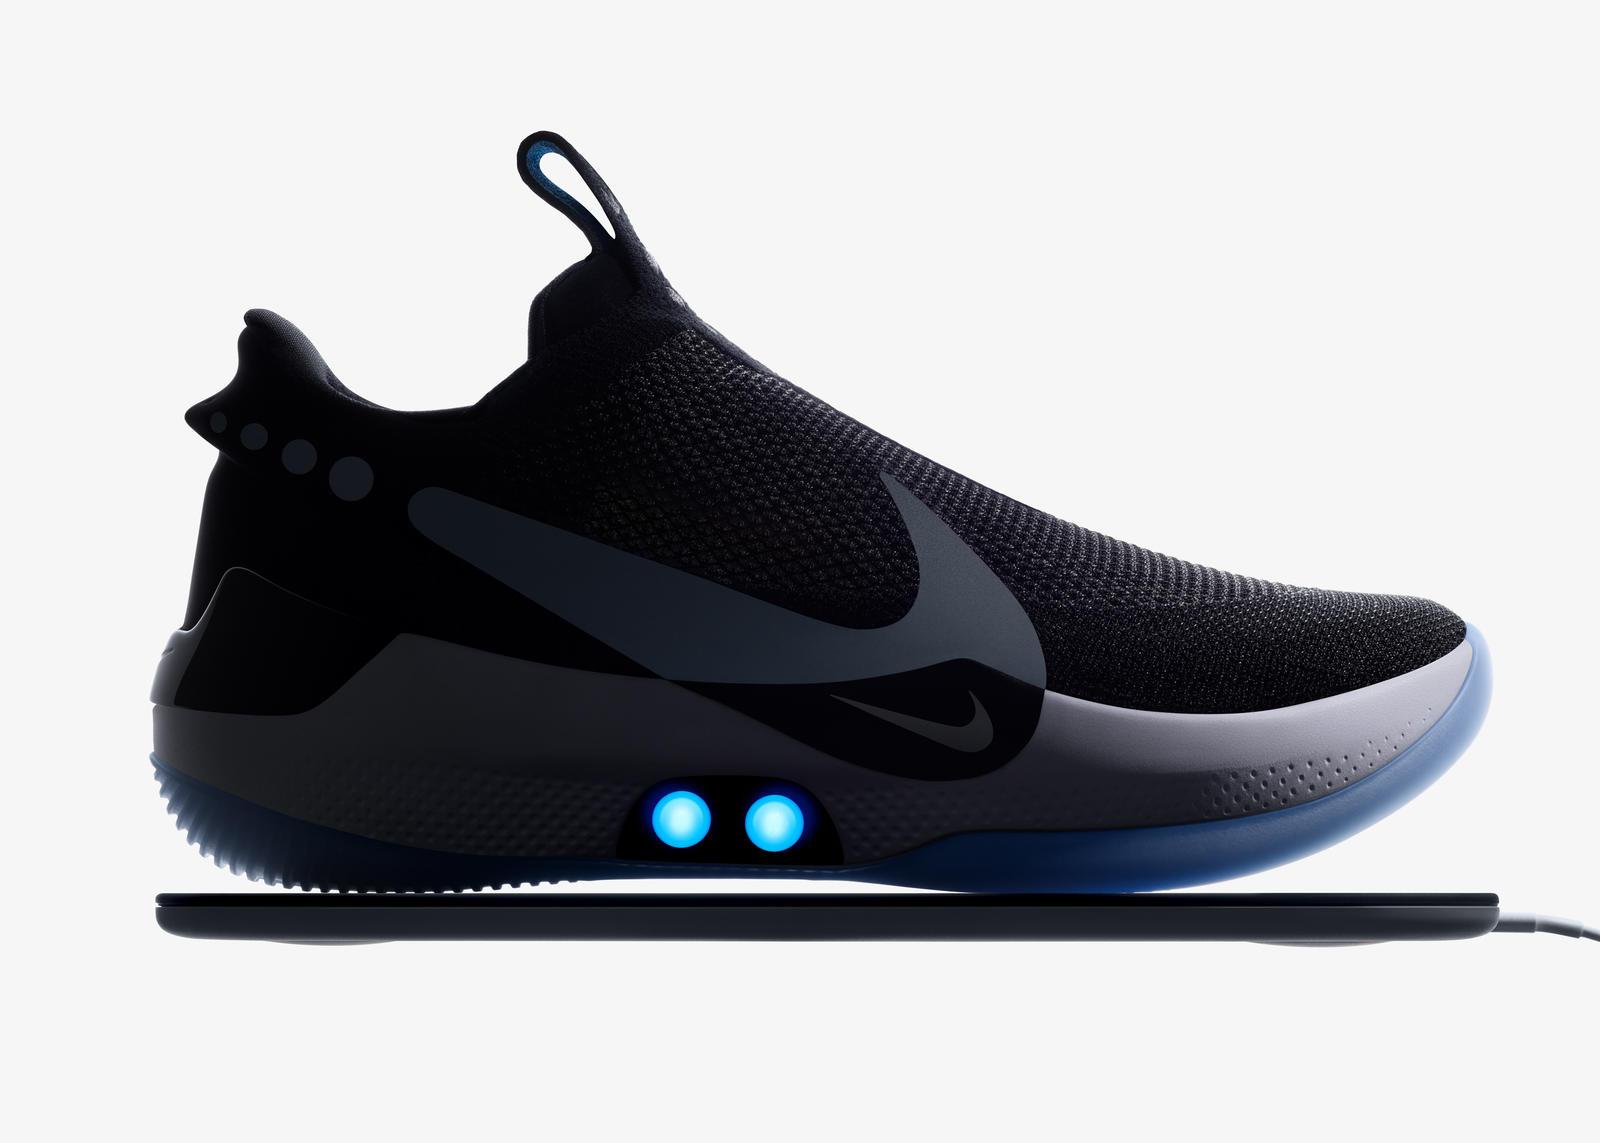 Nike Adapt BB si allacciano da sole e costano 350 dollari thumbnail